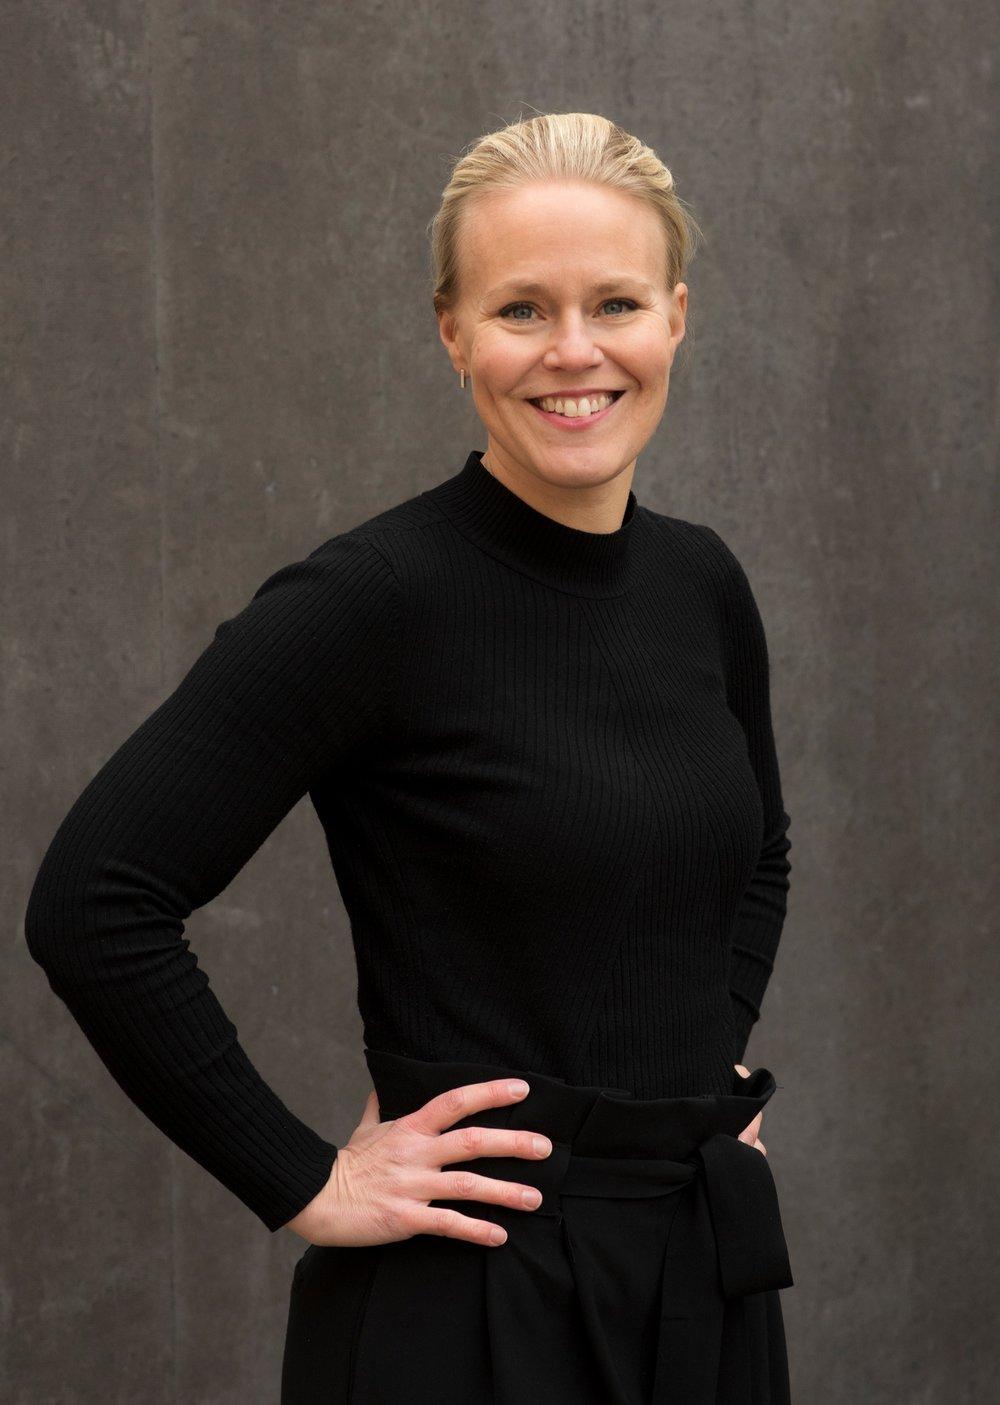 Fotograf Linda Tallroth-Paananen - Linda blev utexaminerad fotograf 2003 från Svenska Yrkeshögskolan. Sedan dess har hon jobbat professionellt som fotograf, både som anställd på olika dagstidningar och som frilansfotograf. 2007 startade hon Memento och har sedan dess varit egenföretagare på heltid. Bland uppdragen finns allt från porträttfotograferingar till frilansuppdrag och företagsfotograferingar.